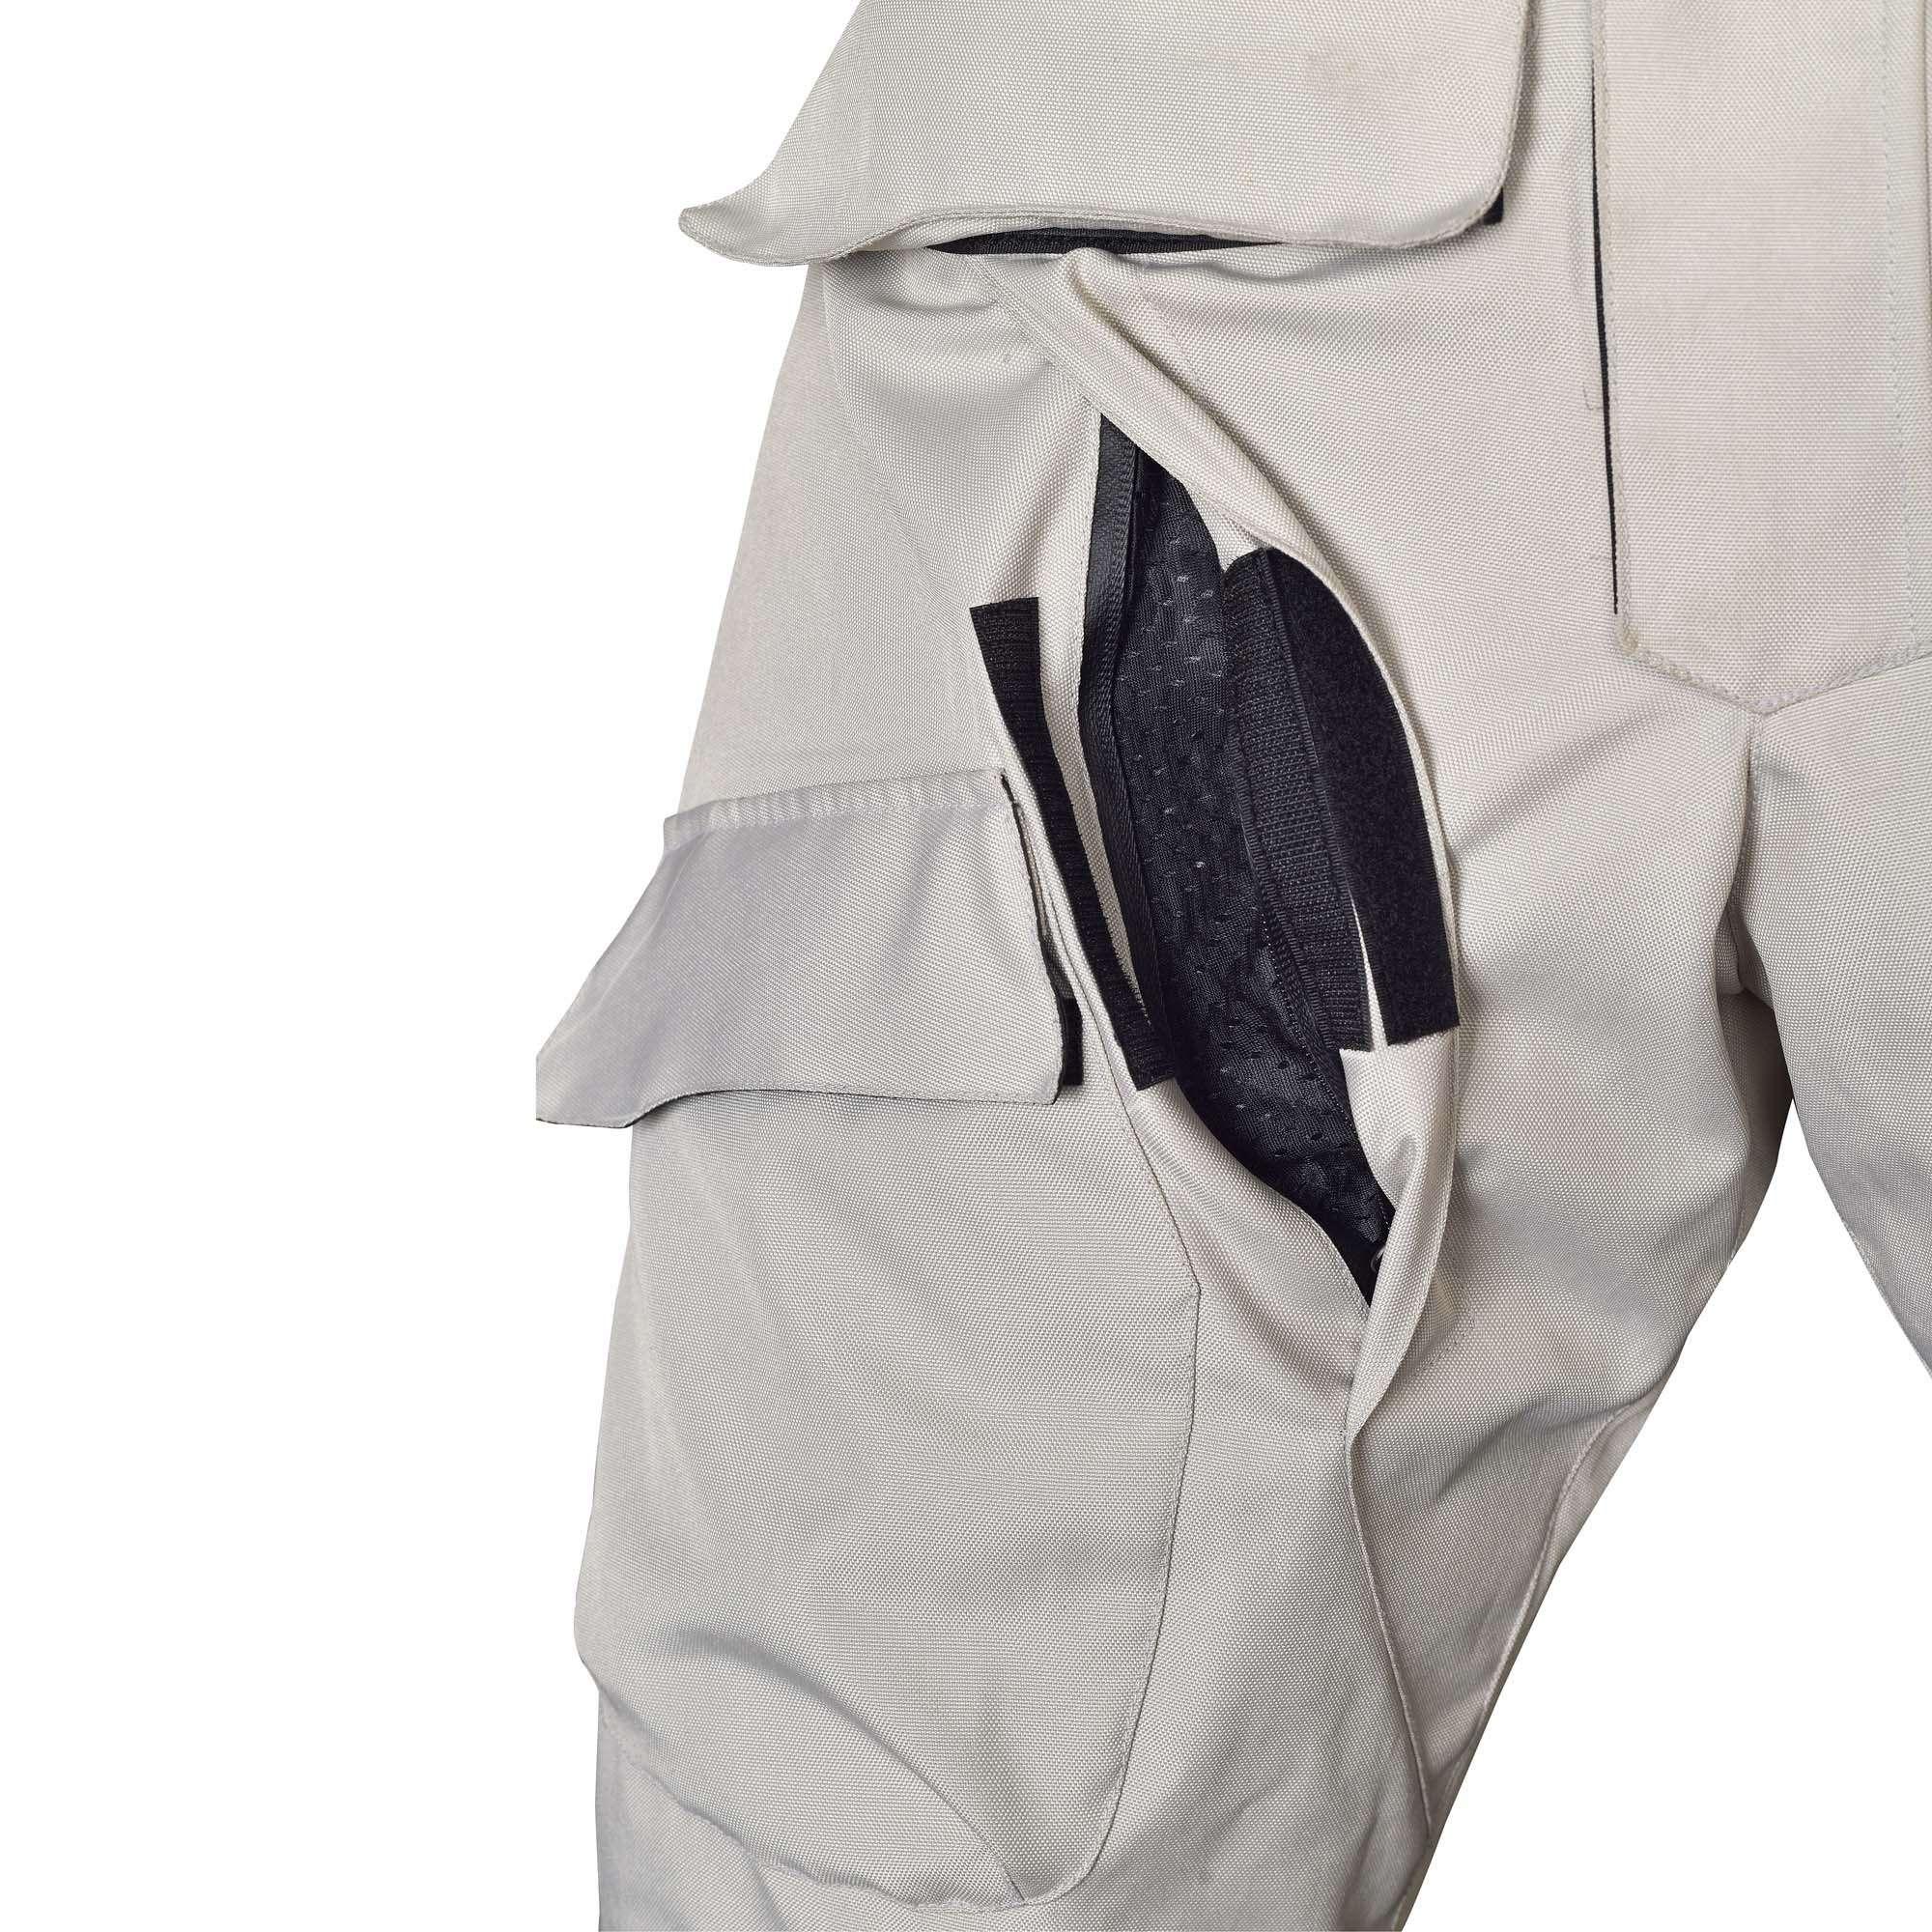 Mens-Motorcycle-Waterproof-Over-Pants-Gray